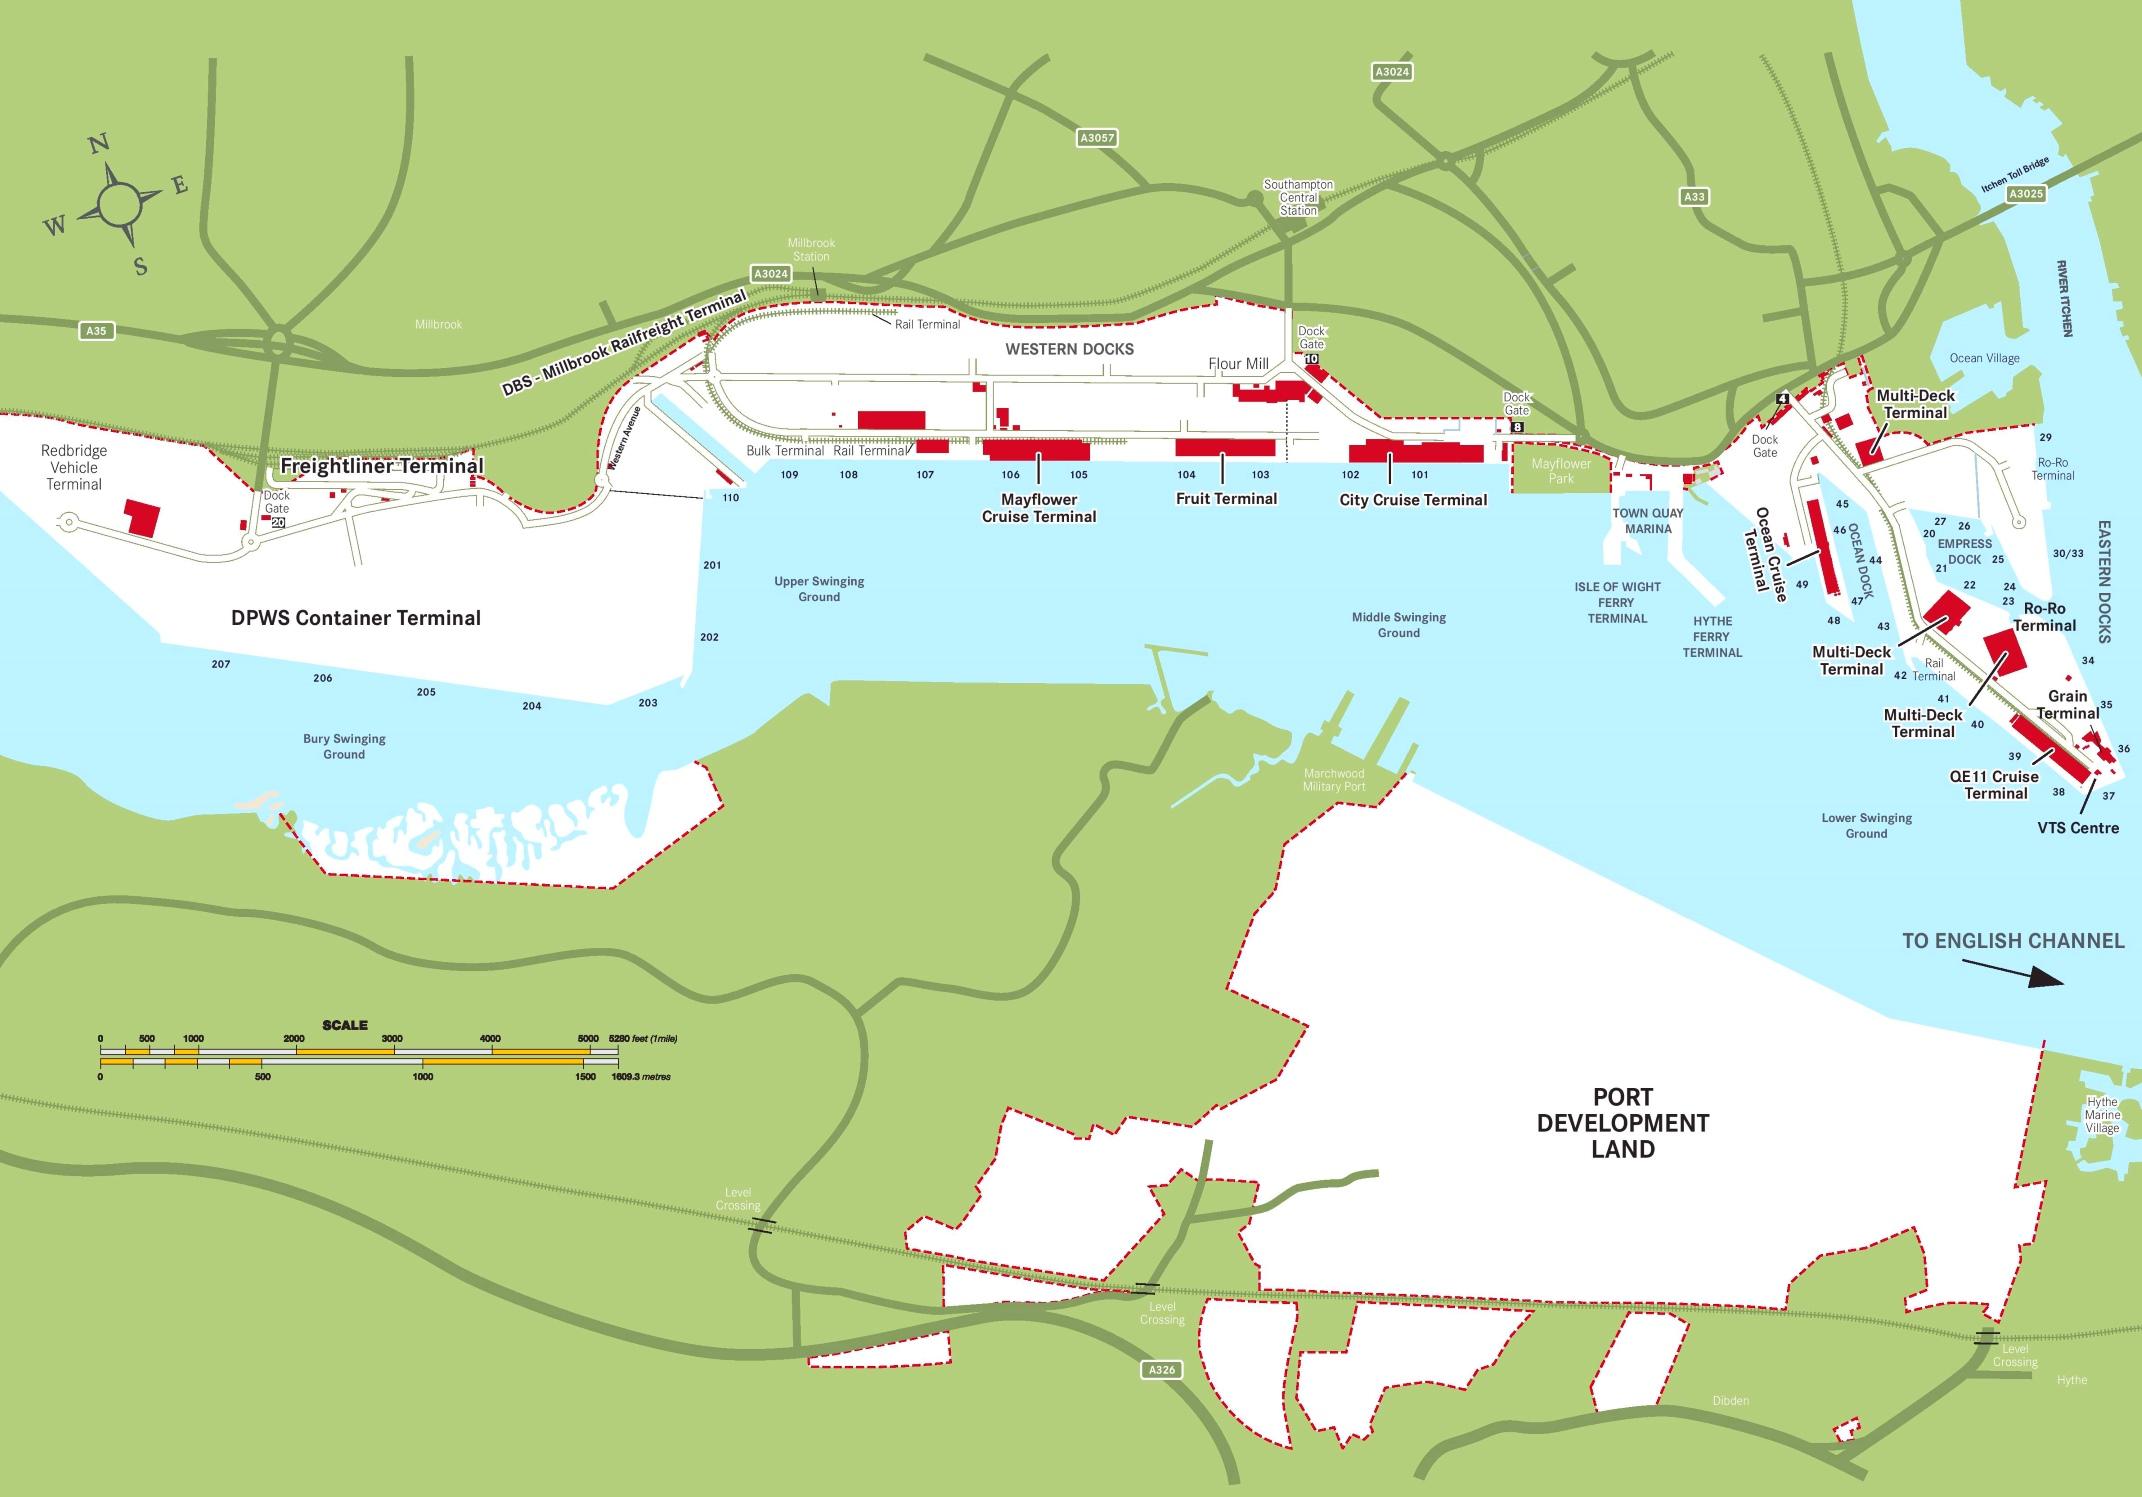 Southampton Port map